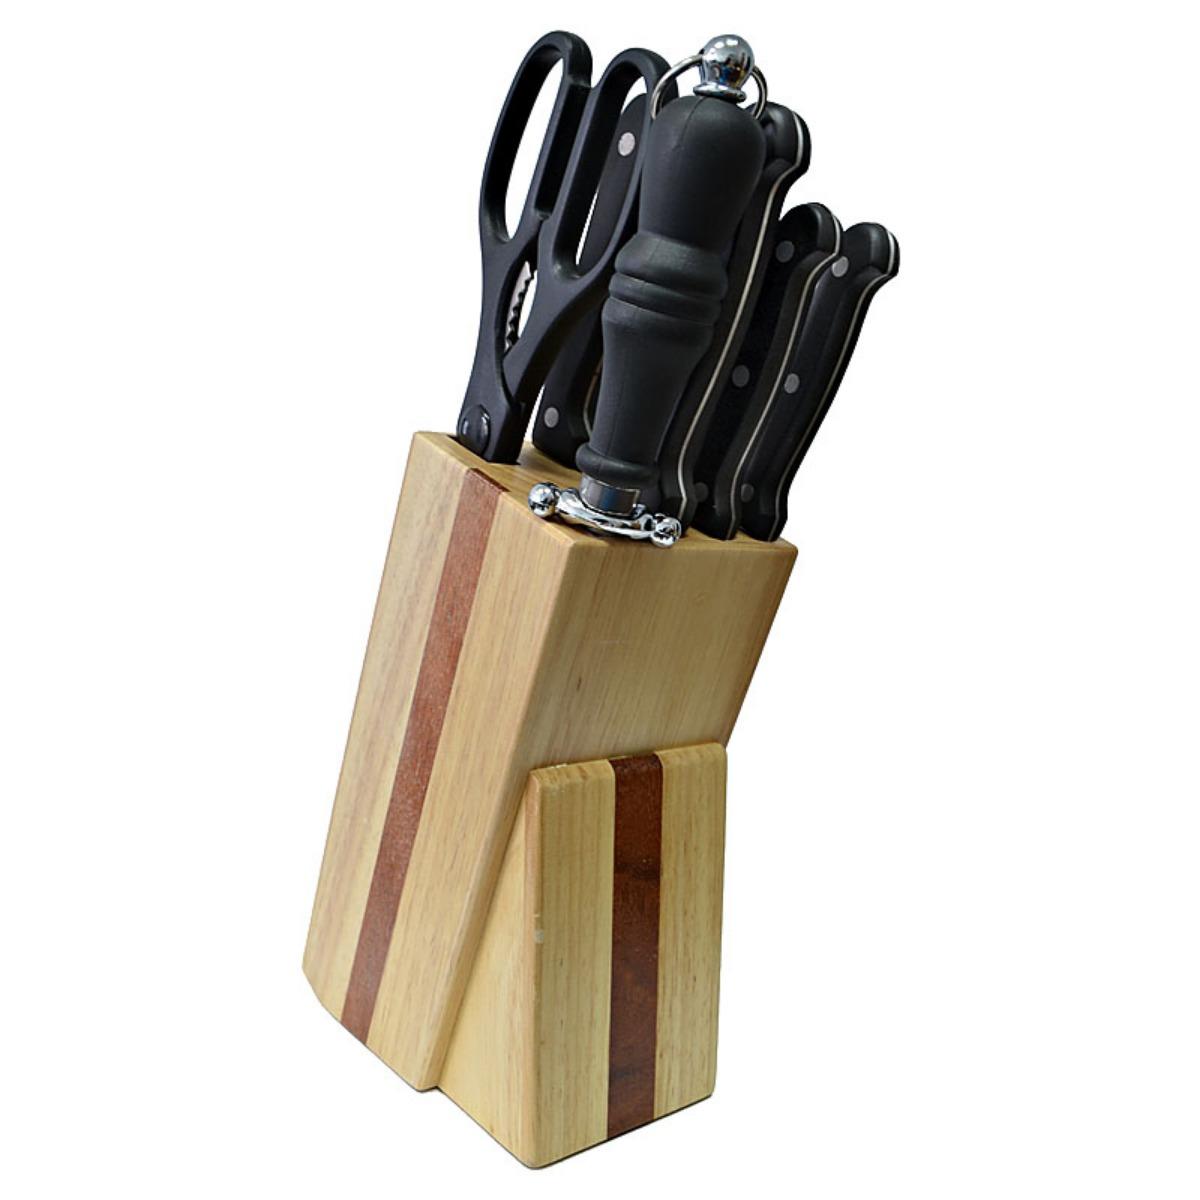 Кухонный набор Marvel Classic Series, цвет: серый, 8 предметов54 009312Кухонный набор Marvel Classic Series состоит из пяти ножей (поварского, хлебного, разделочного, универсального, для очистки), мусата и кухонных ножниц. Лезвия ножей и ножниц выполнены из высоколегированной углеродистой стали, устойчивой к деформации и коррозии, а рукоятки – из прочного пластика. Лезвия ножей и ножниц надолго сохранят свою заводскую заточку. Все предметы из набора располагаются на компактной деревянной подставке. Практичный и удобный набор ножей найдет свое место на каждой кухне.